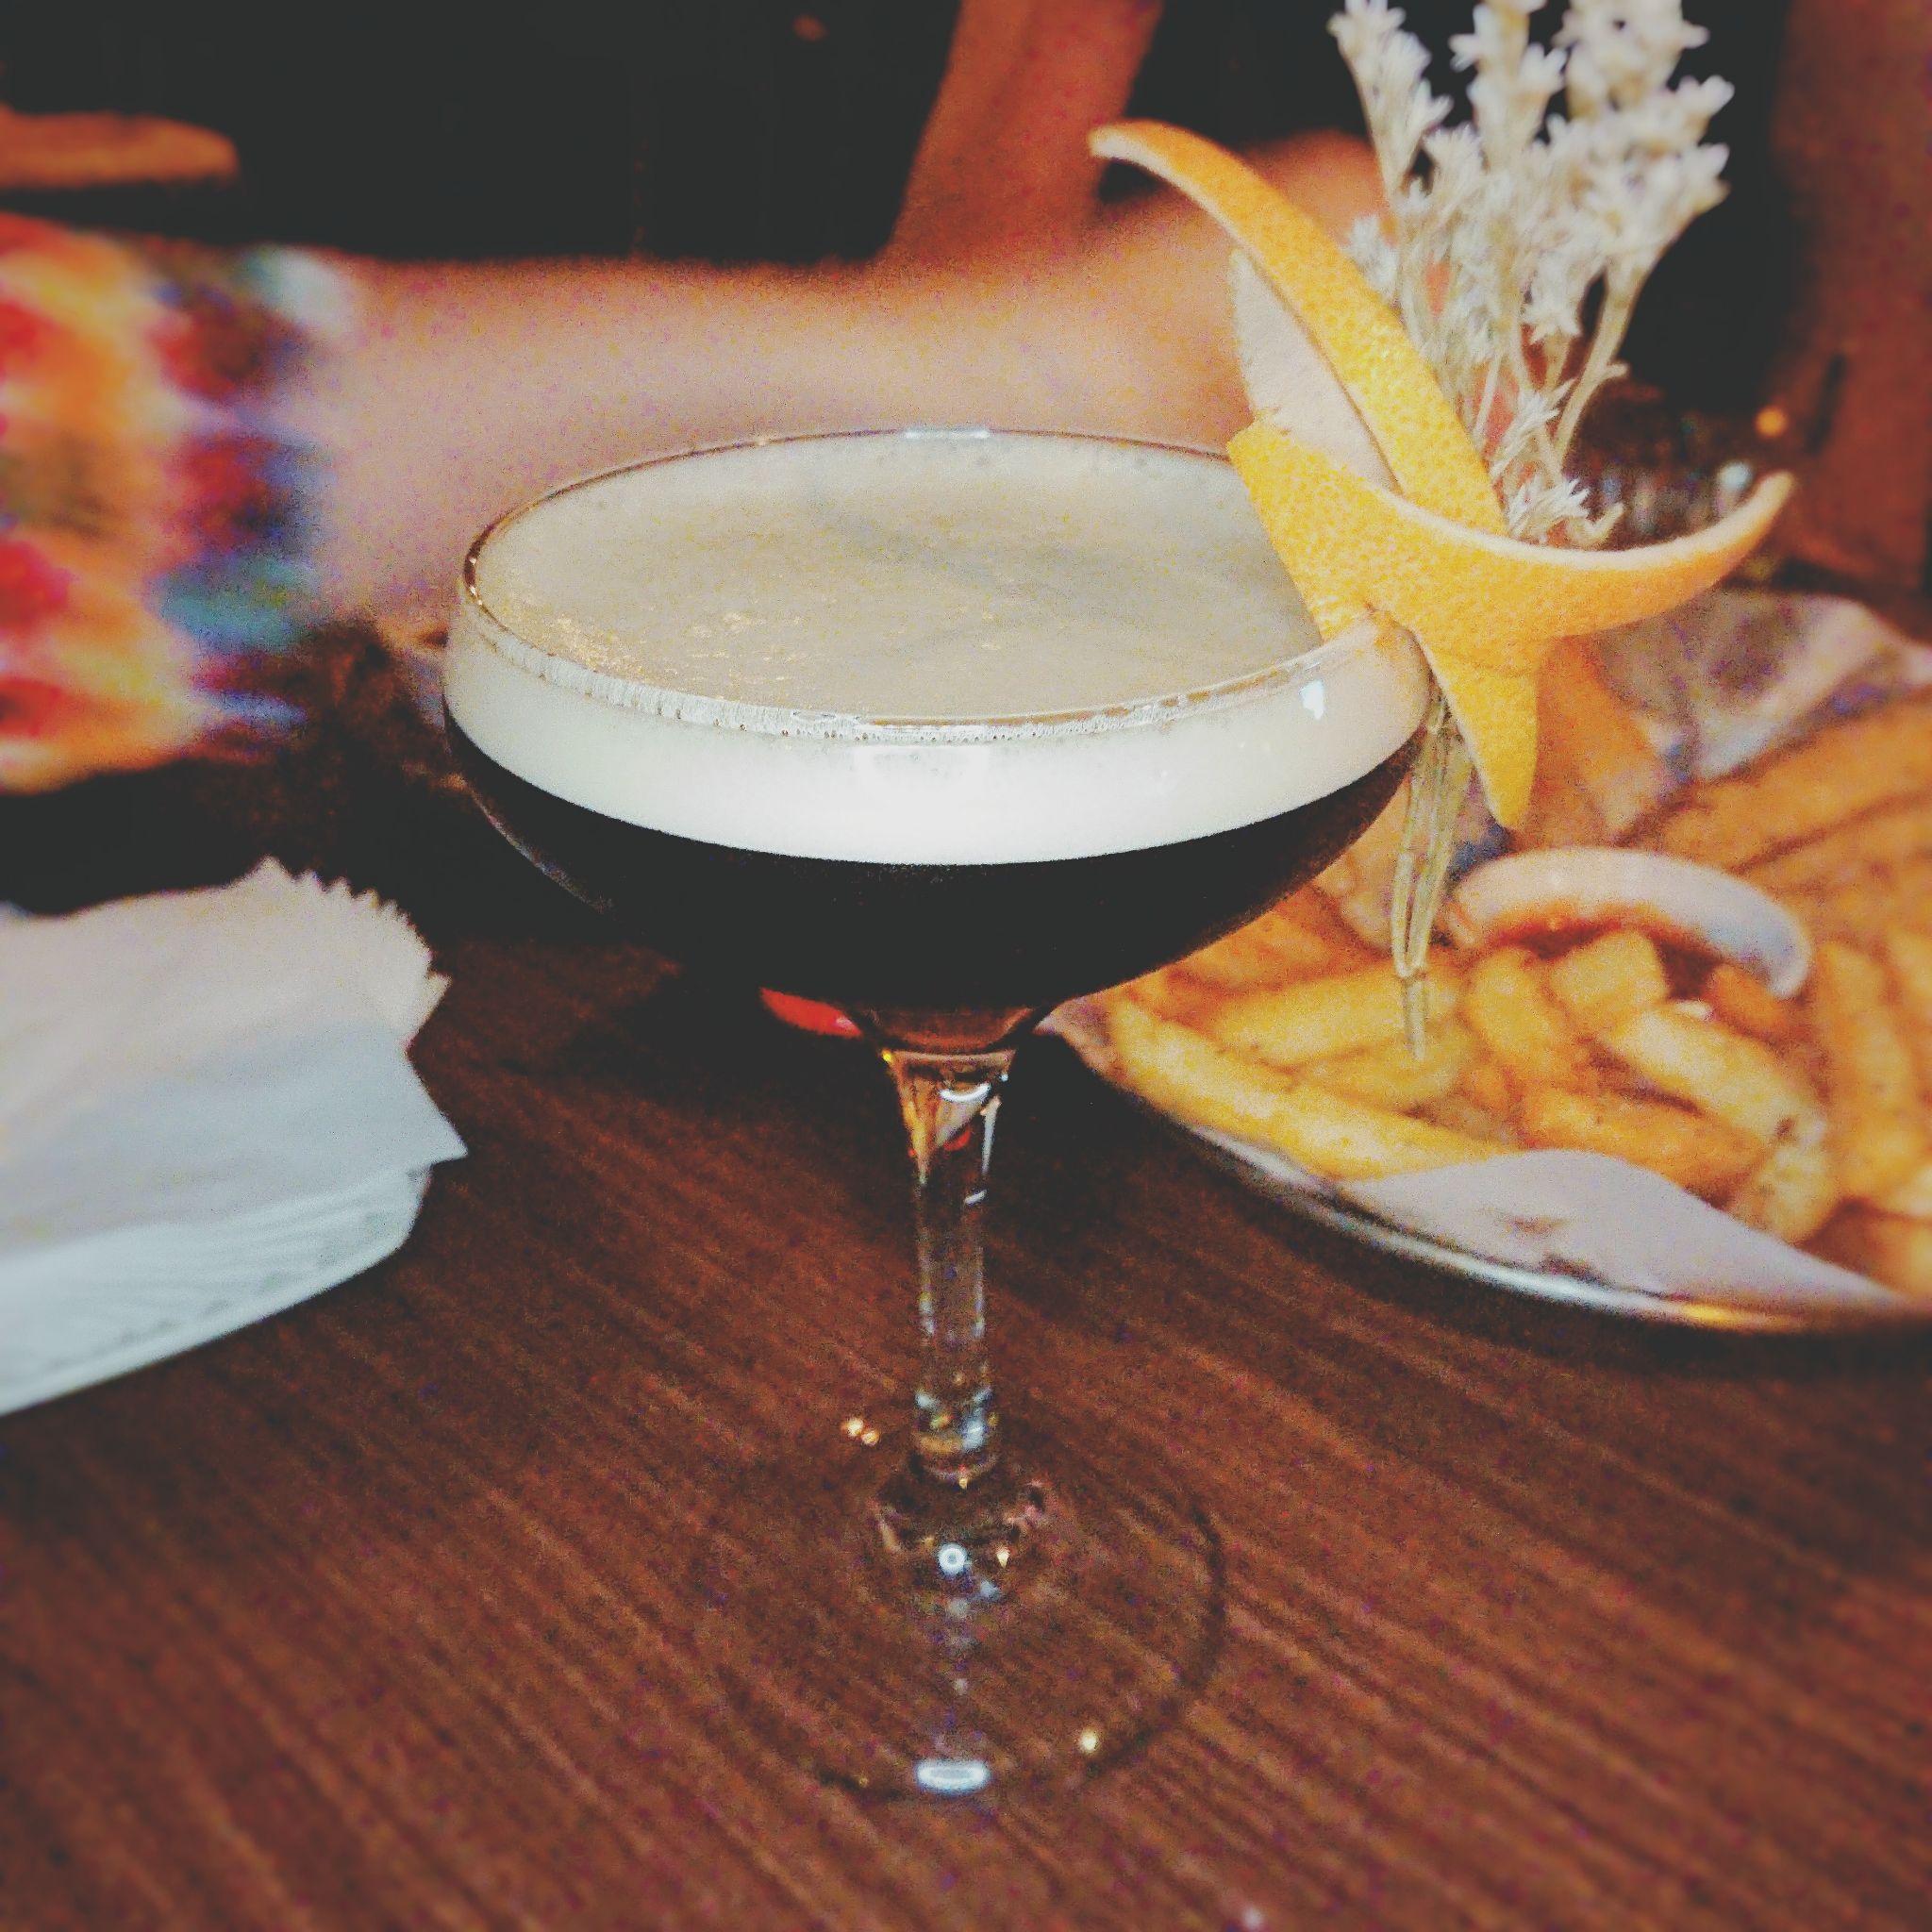 微醺一下!10家台北酒吧推薦,今晚你要喝哪一家?